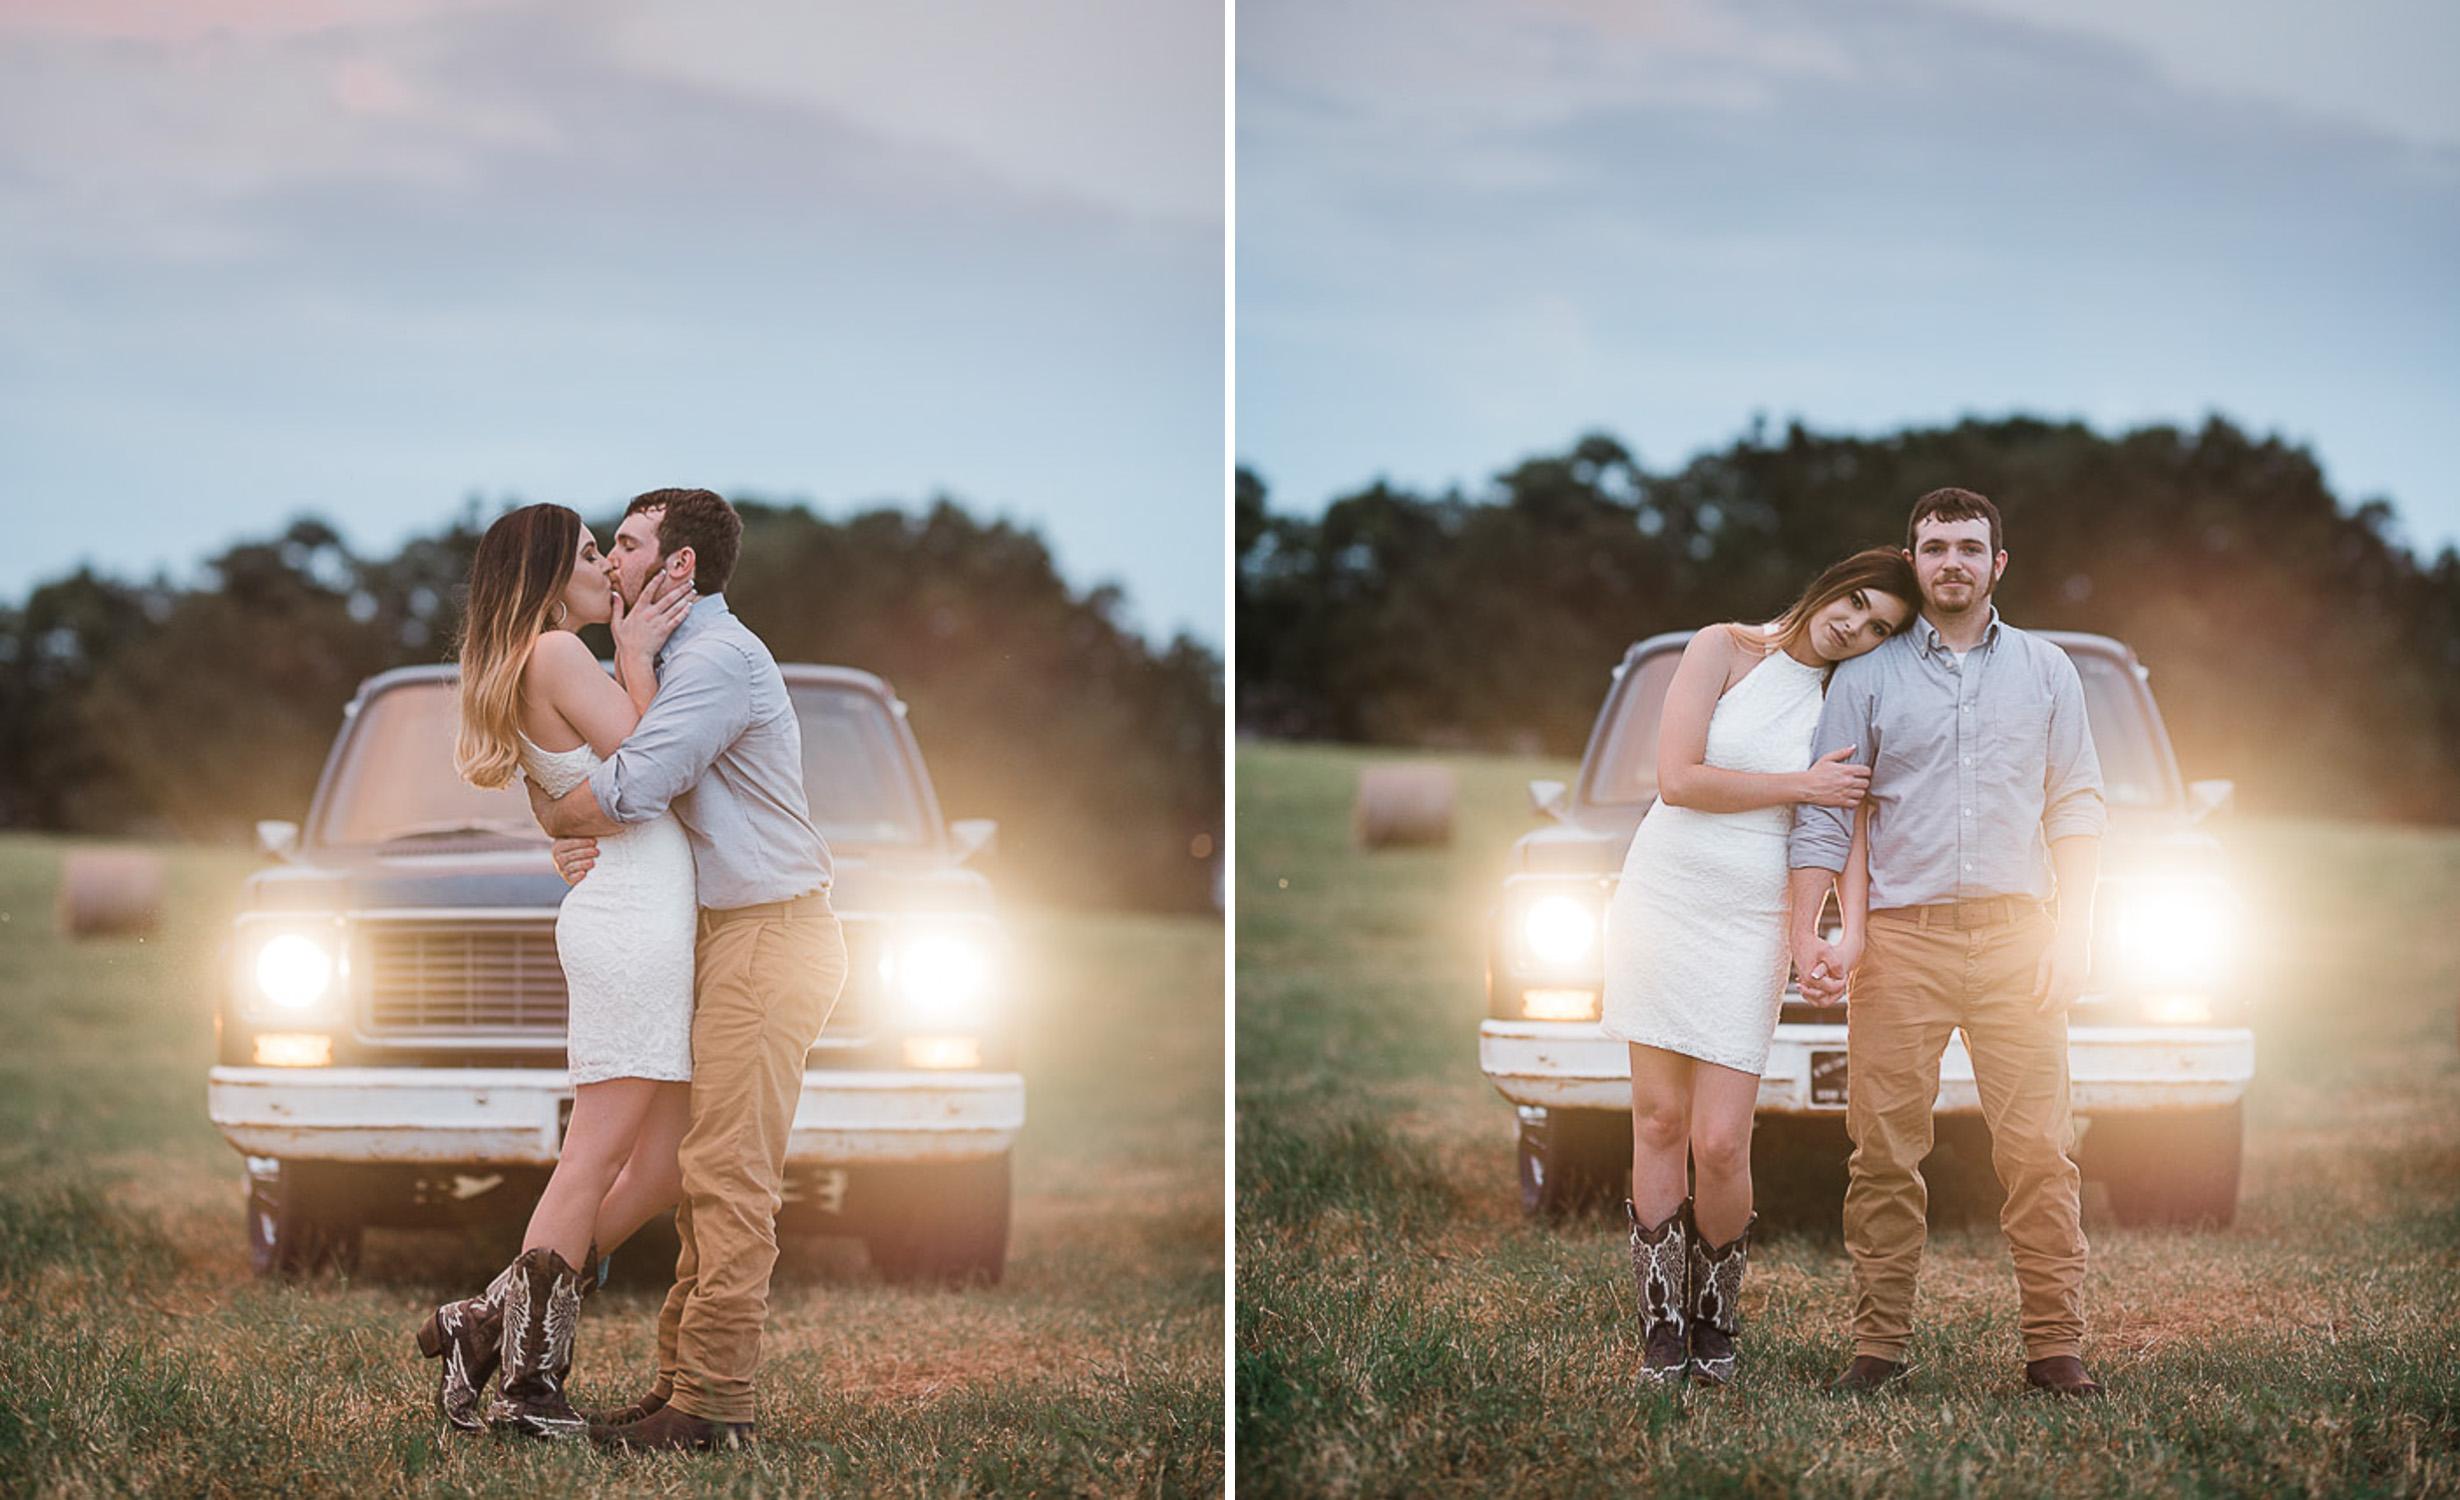 Field Engagement Portraits, Truck, Sunset, Dancing, 16.jpg